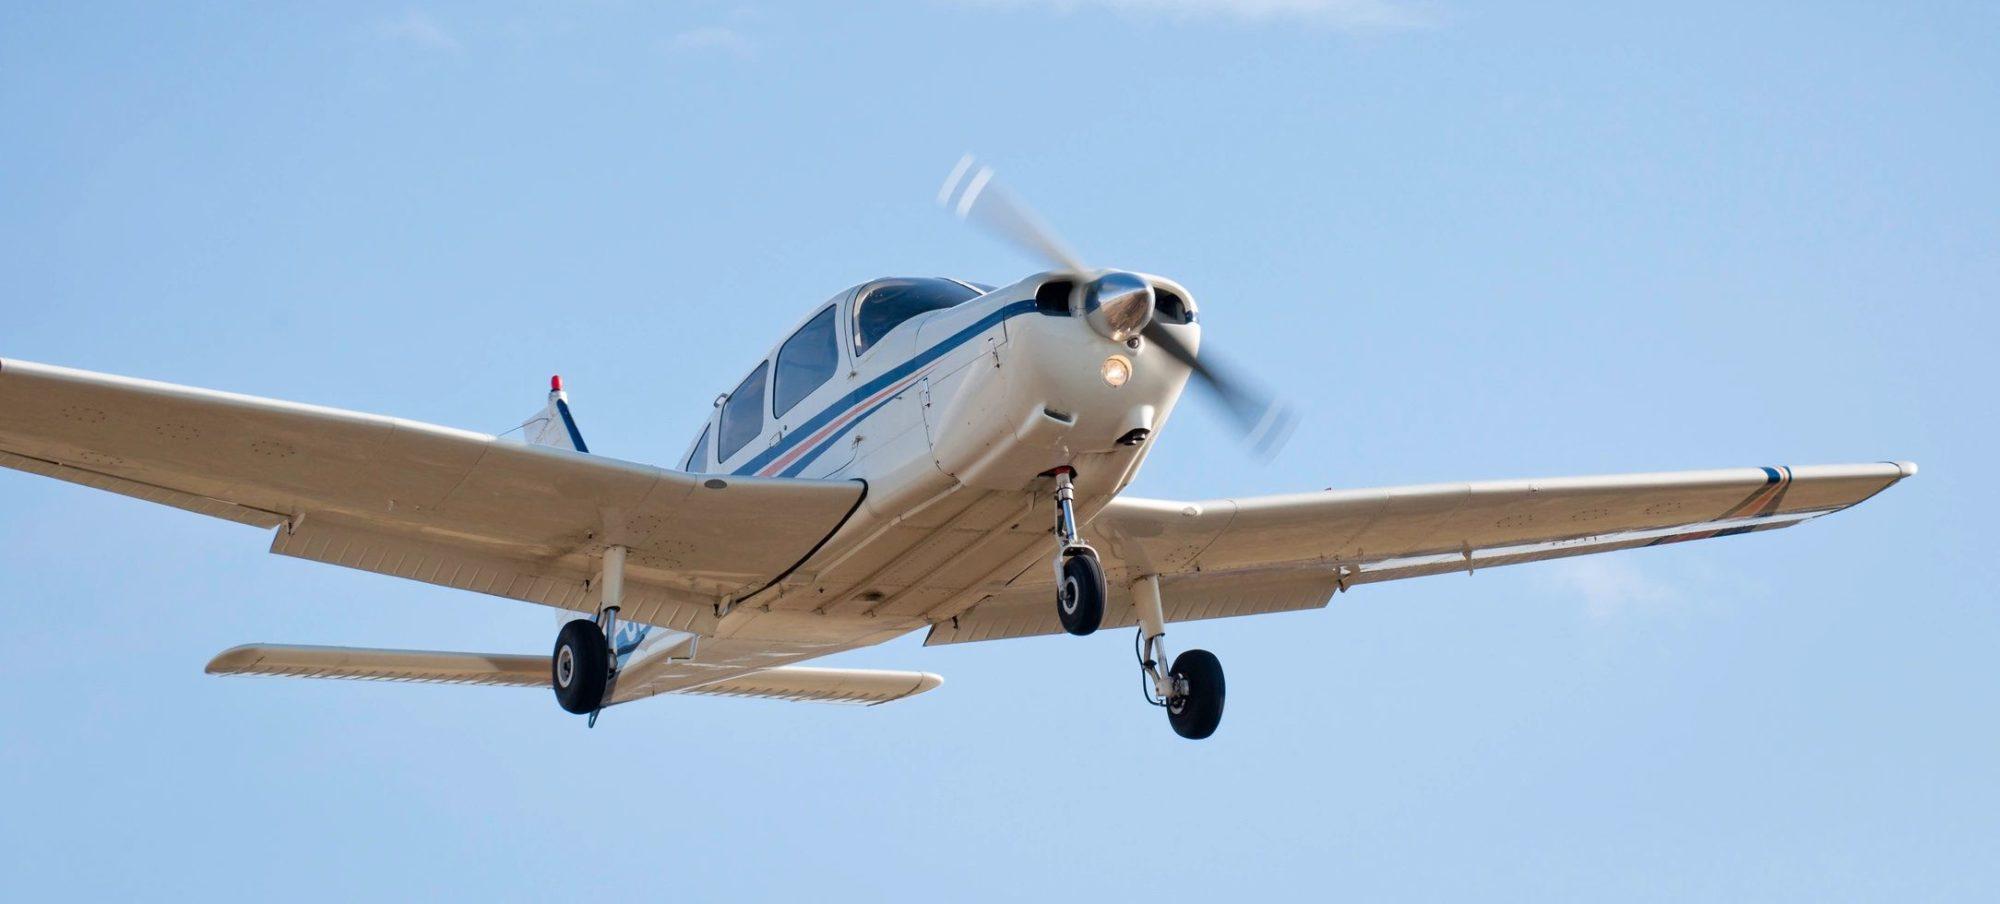 Bowling Green - Warren County Regional Airport